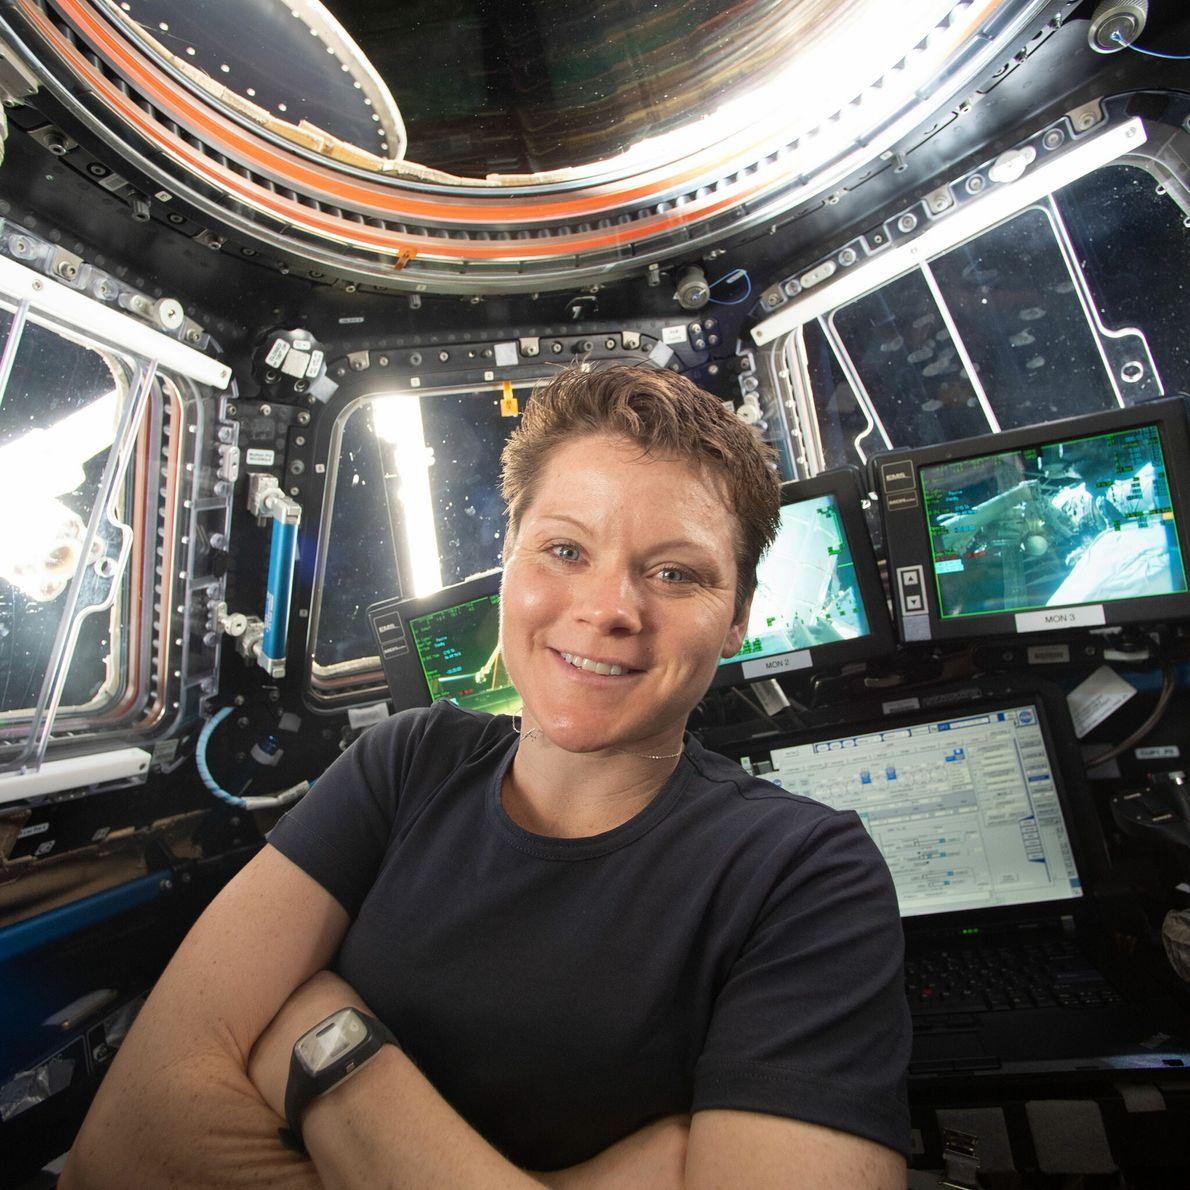 Anne McClain - promotion d'astronautes 2013, 204 jours dans l'espace.